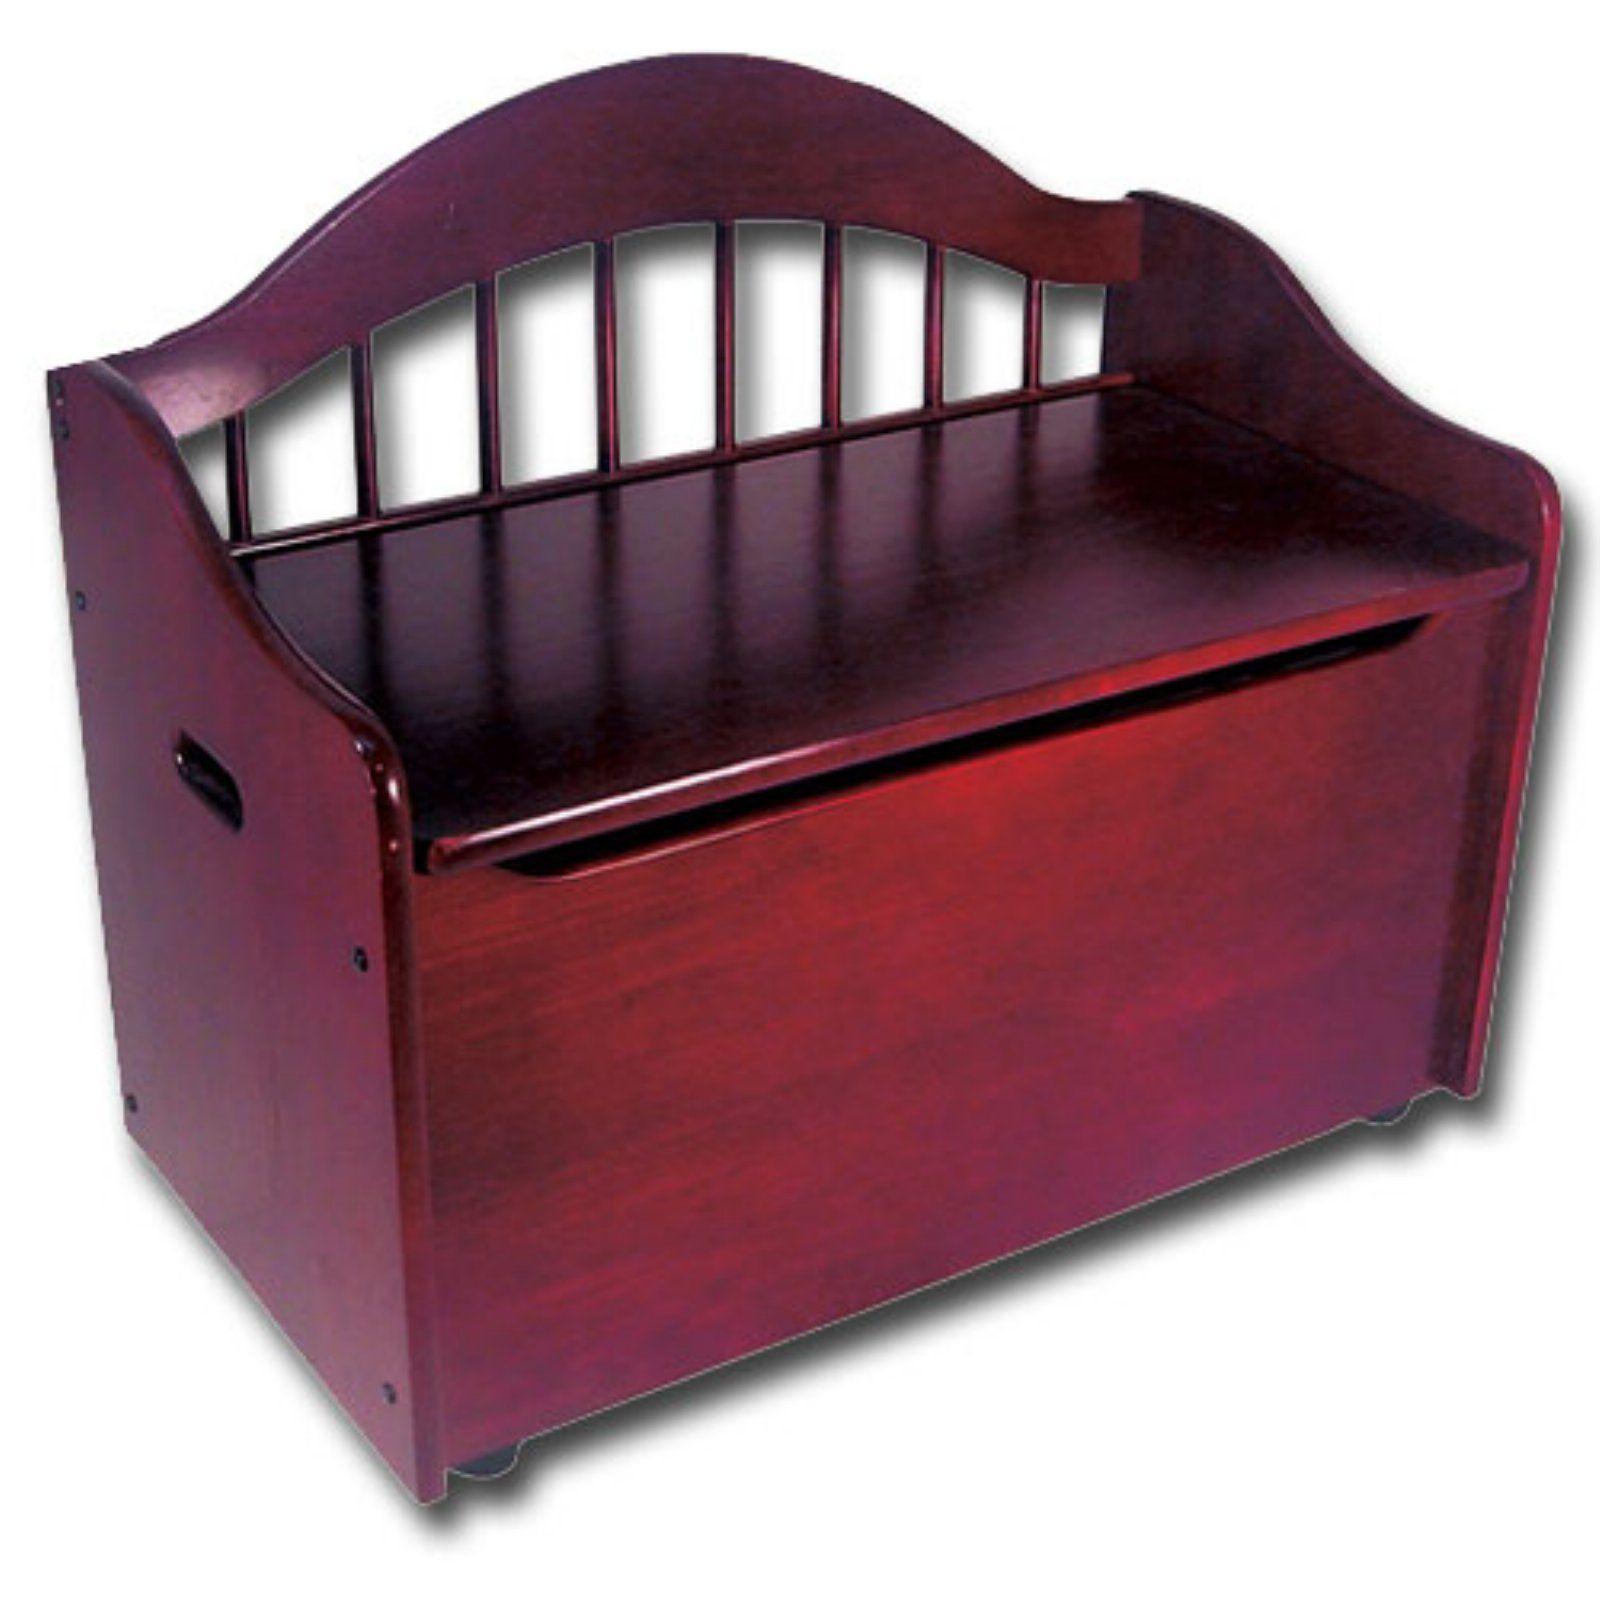 KidKraft Austin Wooden Toy Organizer Storage Chest Box and Sitting Bench Cherry